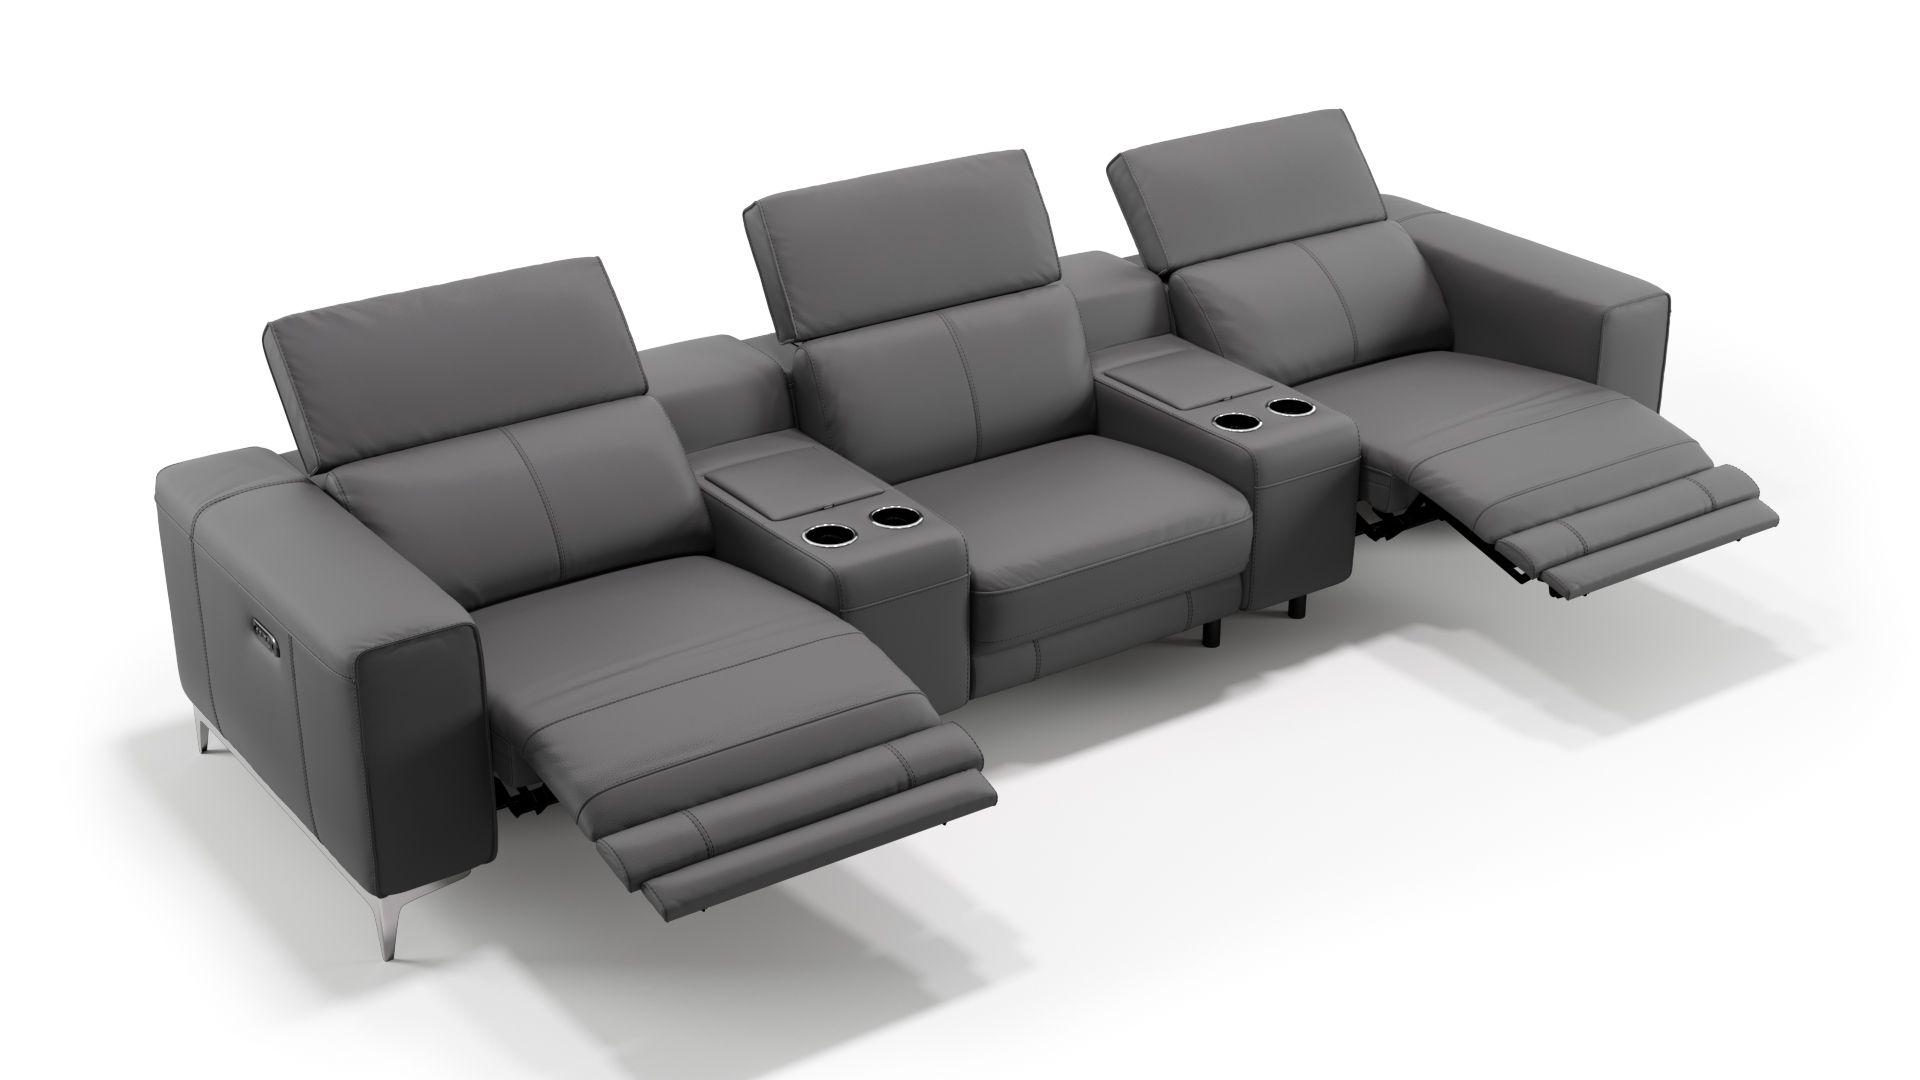 Leder 3-Sitzer Kinosofa mit zwei Mittelkonsolen CUPELLO